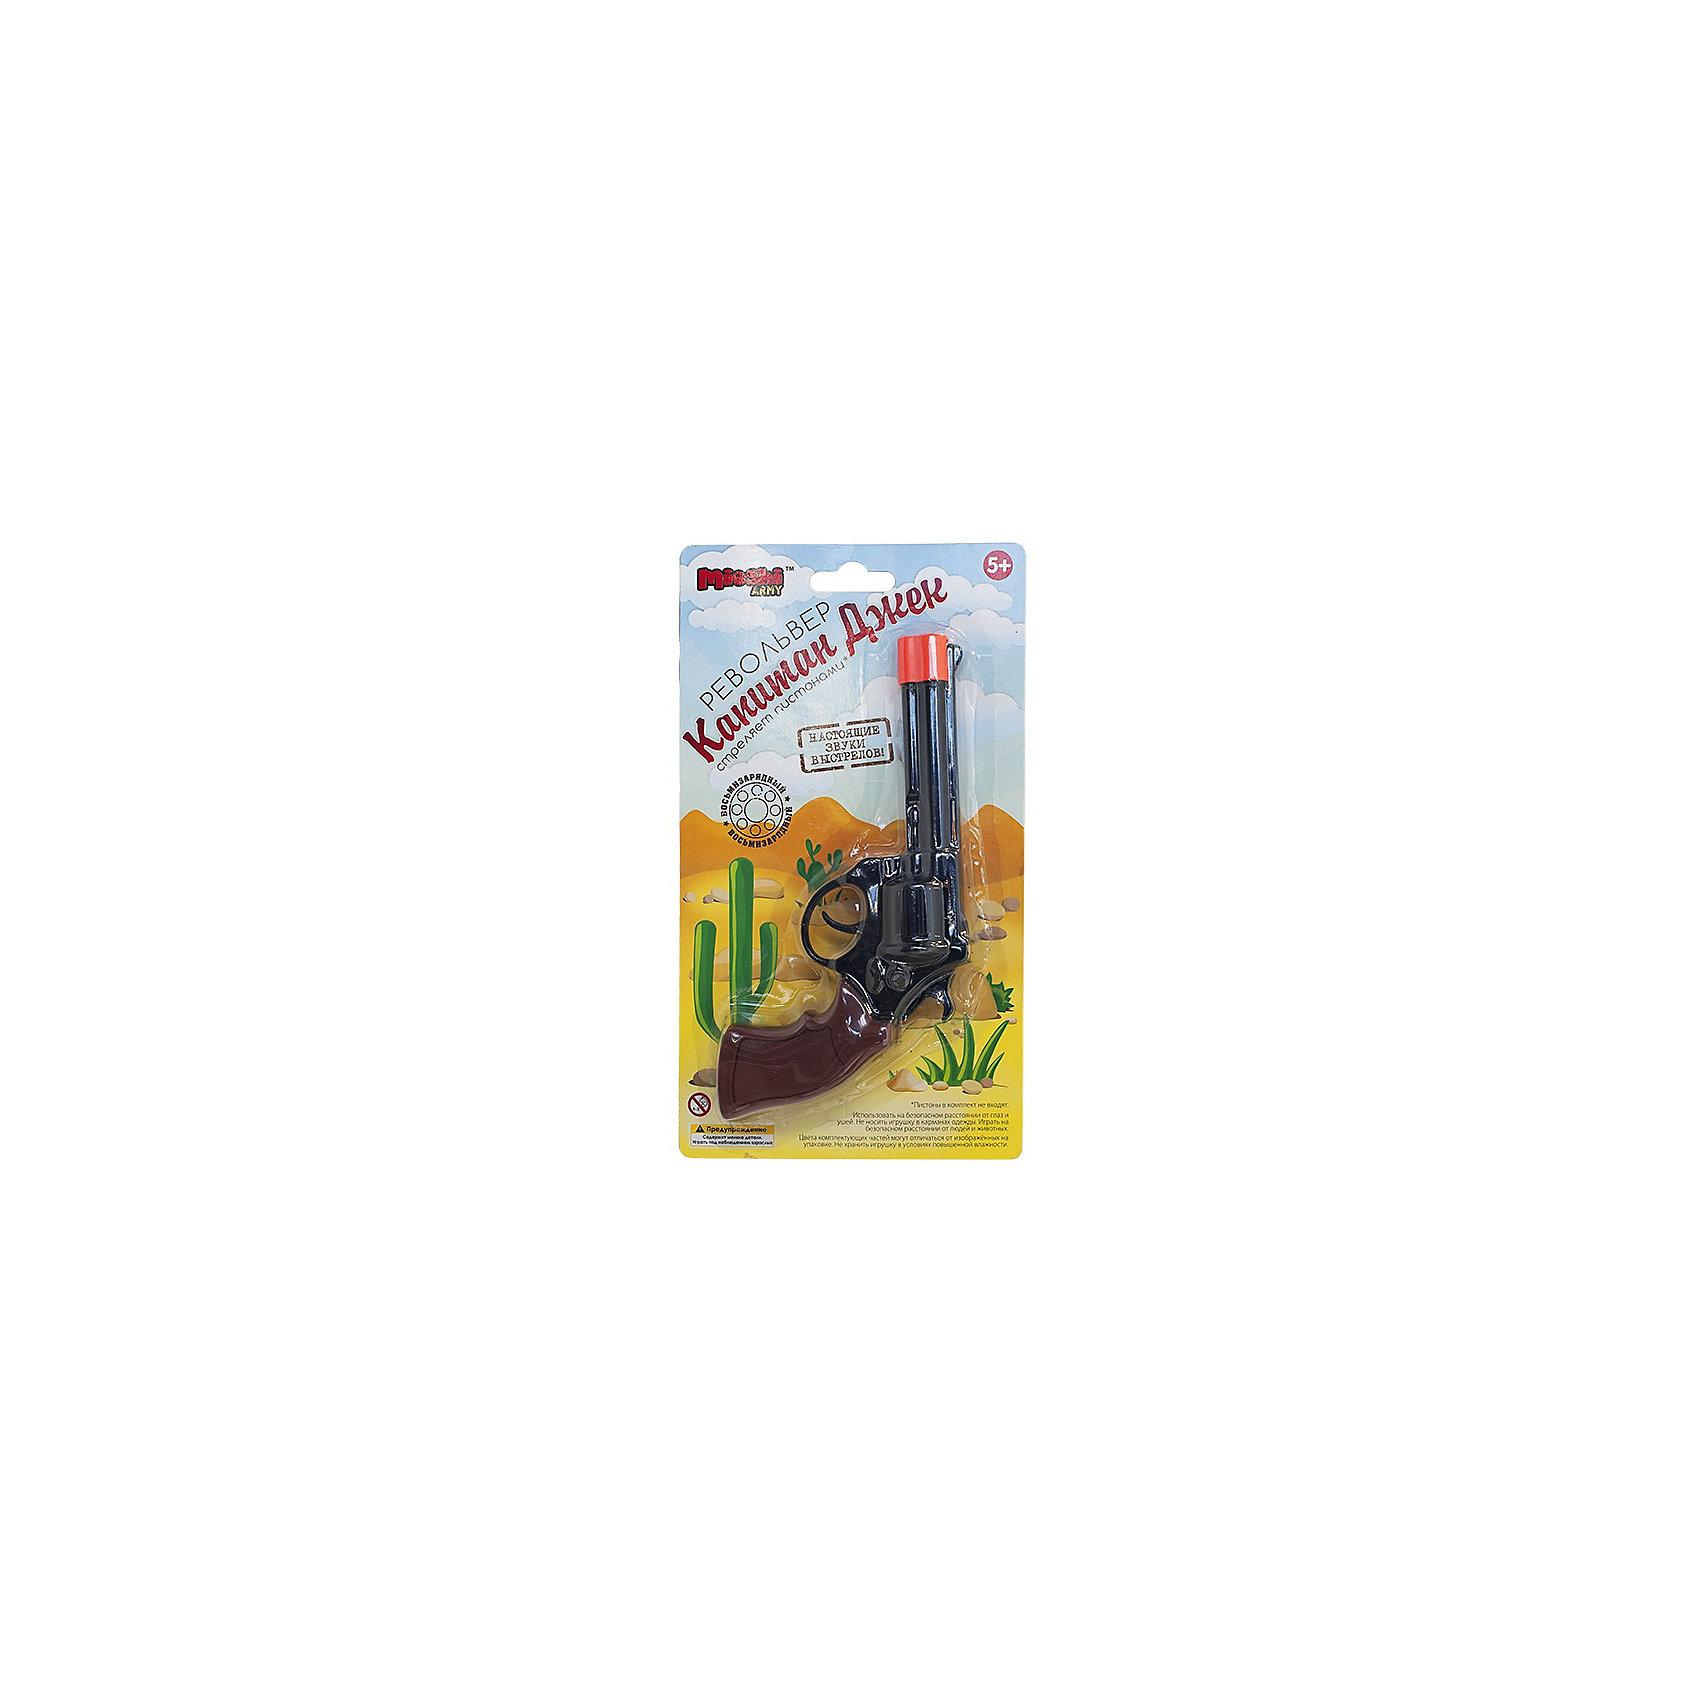 Револьвер Капитан Джэк, 18 см, Mioshi ArmyБластеры, пистолеты и прочее<br>Характеристики товара:<br><br>• возраст от 6 лет;<br>• материал: металл;<br>• длина револьвера 18 см;<br>• размер упаковки 24,1х14х4 см;<br>• вес упаковки 203 гр.;<br>• страна производитель: Китай.<br><br>Револьвер «Капитан Джэк» Mioshi Army обязательно понравится мальчику и позволит ему почувствовать себя настоящим предводителем пиратов. Он выглядит как самый настоящий пистолет, а также издает звук выстрела. Игрушка изготовлена из качественного прочного металла и является безопасной для детей.<br><br>Револьвер «Капитан Джэк» Mioshi Army можно приобрести в нашем интернет-магазине.<br><br>Ширина мм: 241<br>Глубина мм: 140<br>Высота мм: 40<br>Вес г: 203<br>Возраст от месяцев: 72<br>Возраст до месяцев: 2147483647<br>Пол: Мужской<br>Возраст: Детский<br>SKU: 5581227